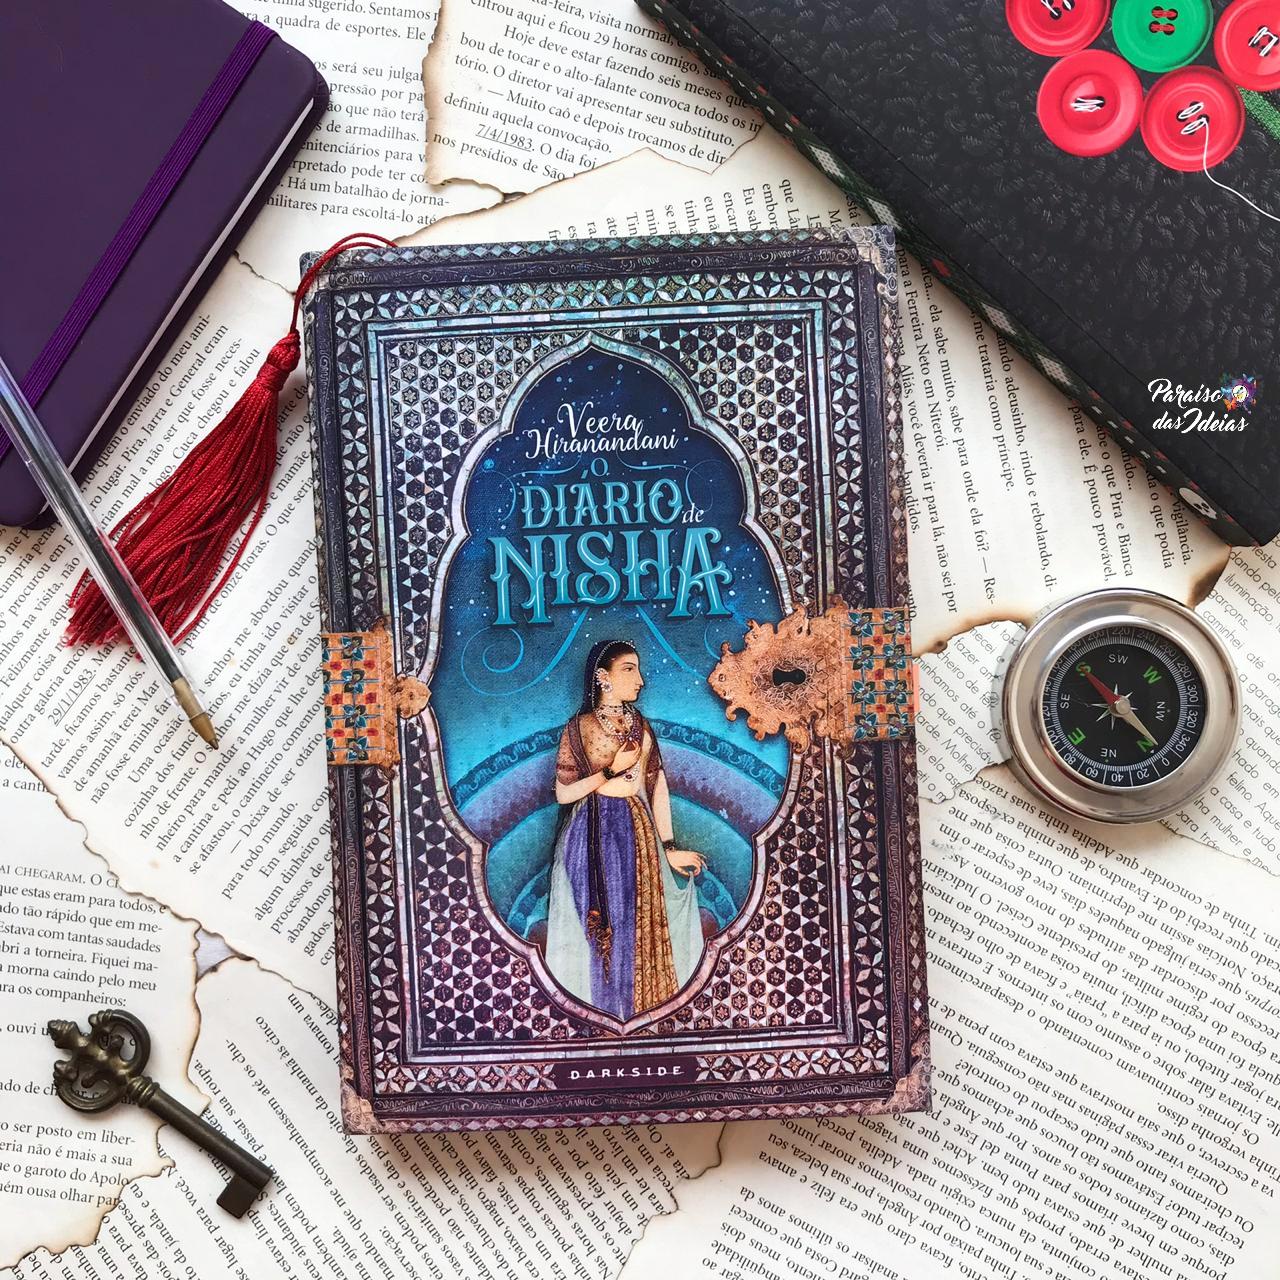 Diário de Nisha || Veera Hiranandani